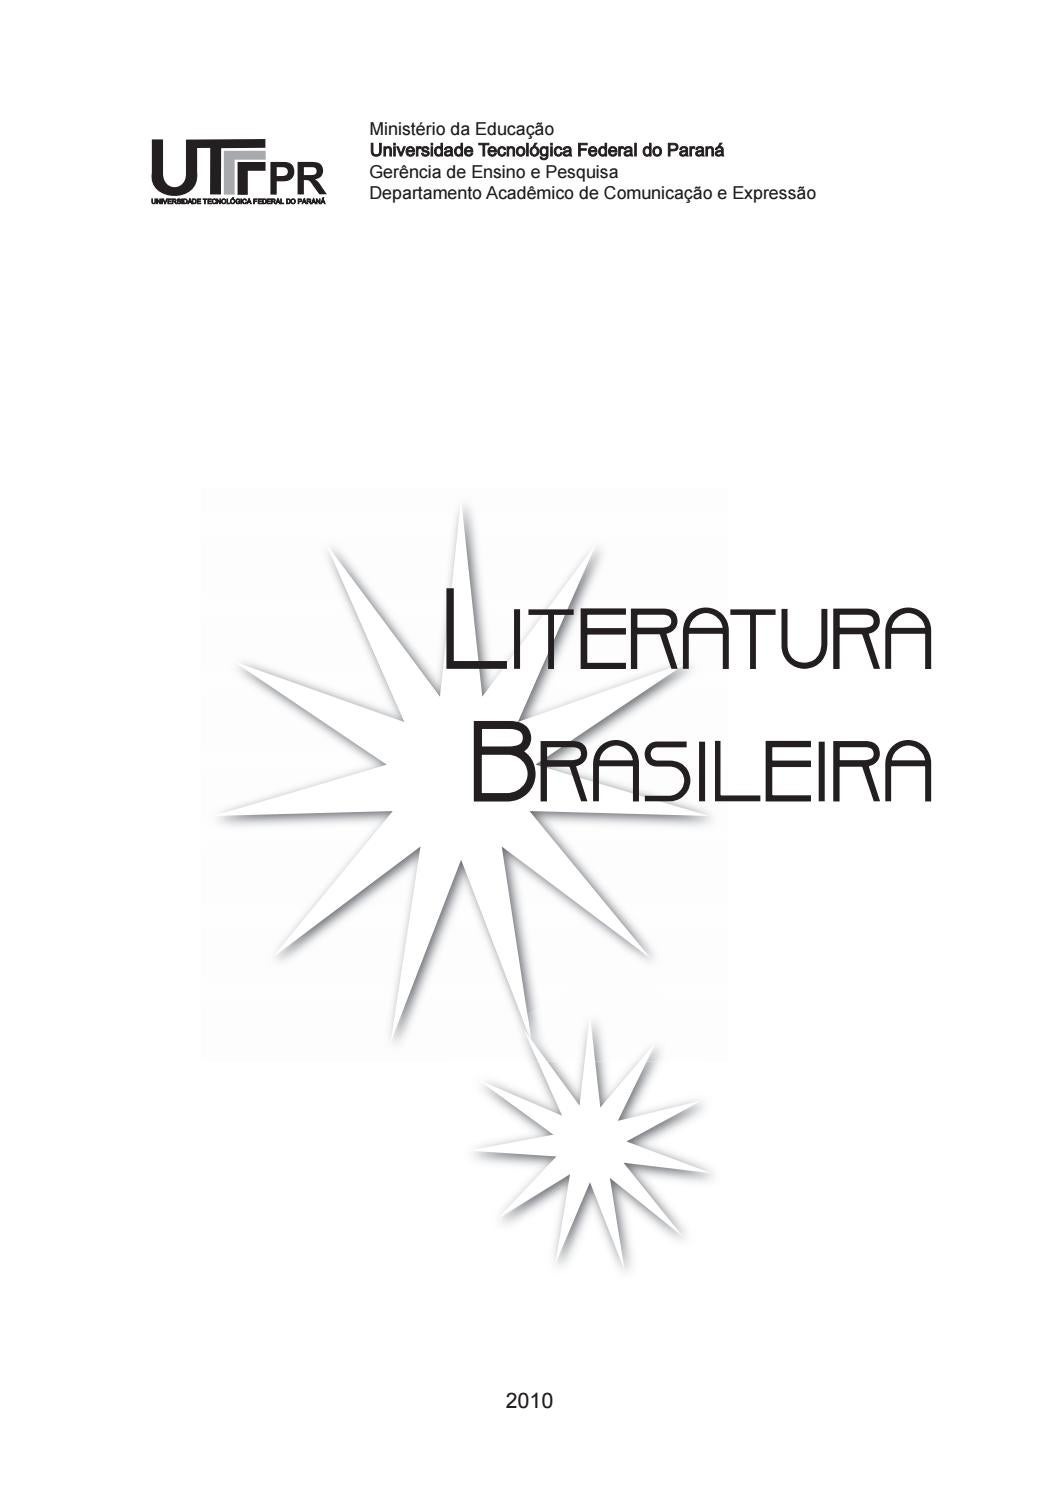 Apostila literatura brasileira by Daniel Almeida - issuu b6a20607ebb29